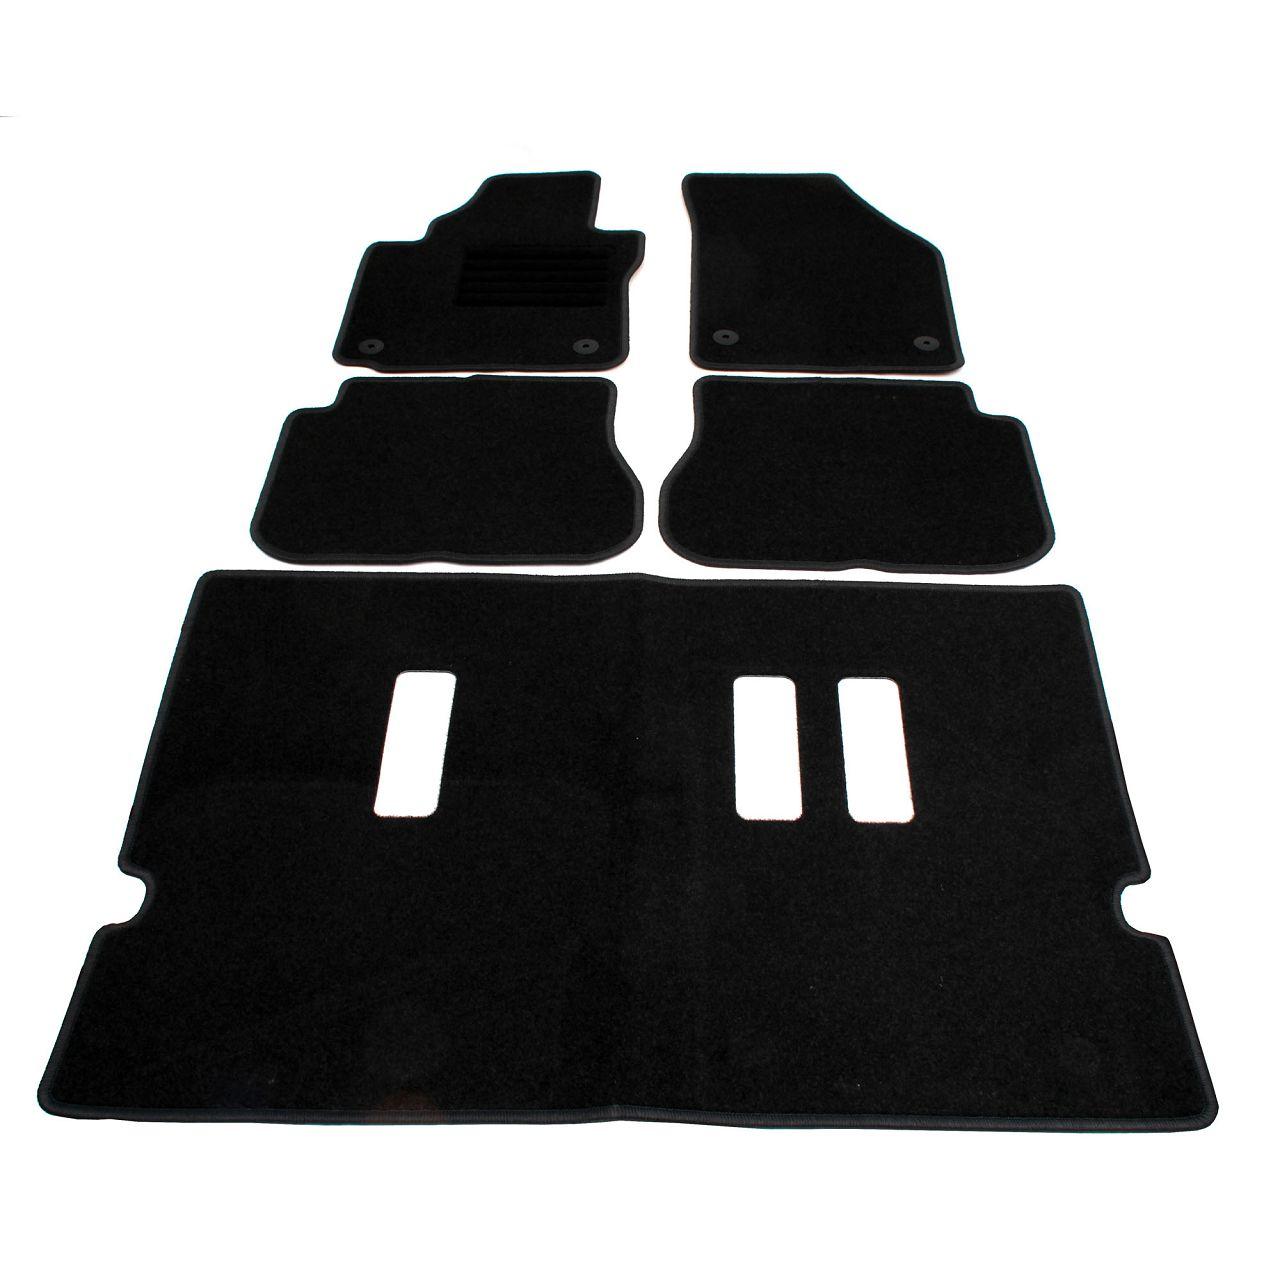 Veloursmatten Textilmatten Fußmatten für VW CADDY IV Kombi 7-SITZER 5-teilig